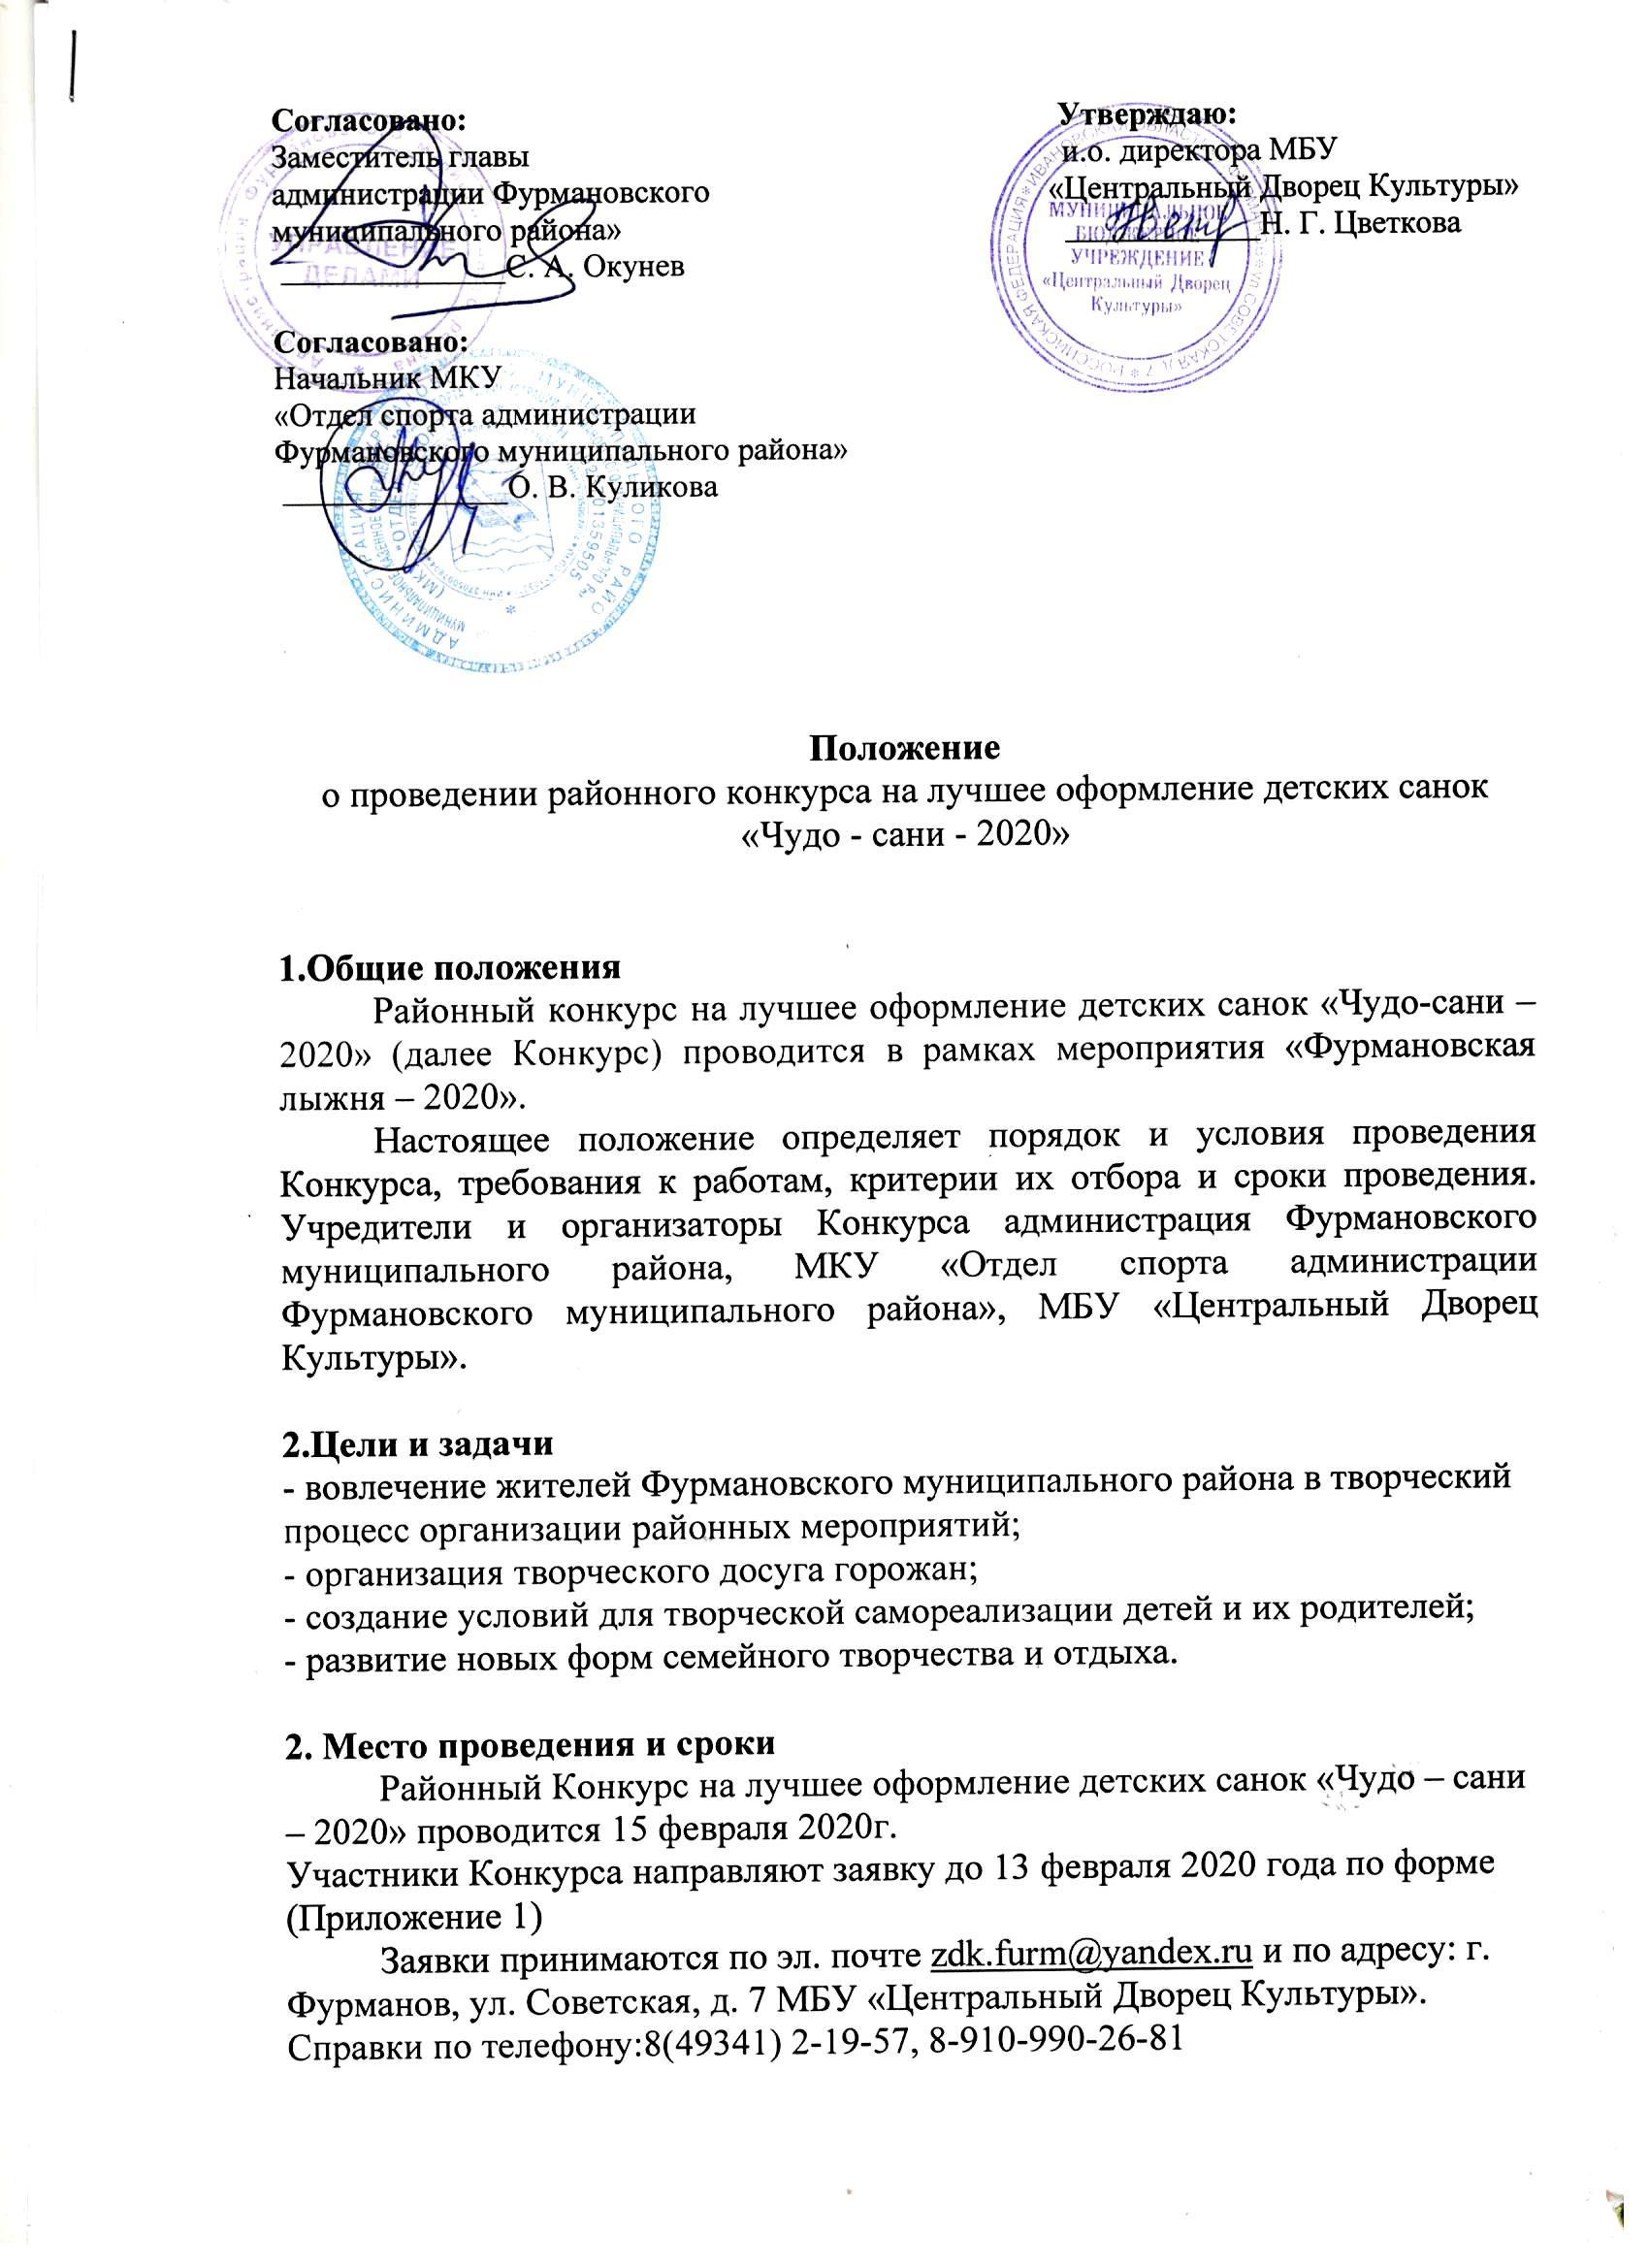 """Положение конкурса """"Чудо-сани 2020"""""""